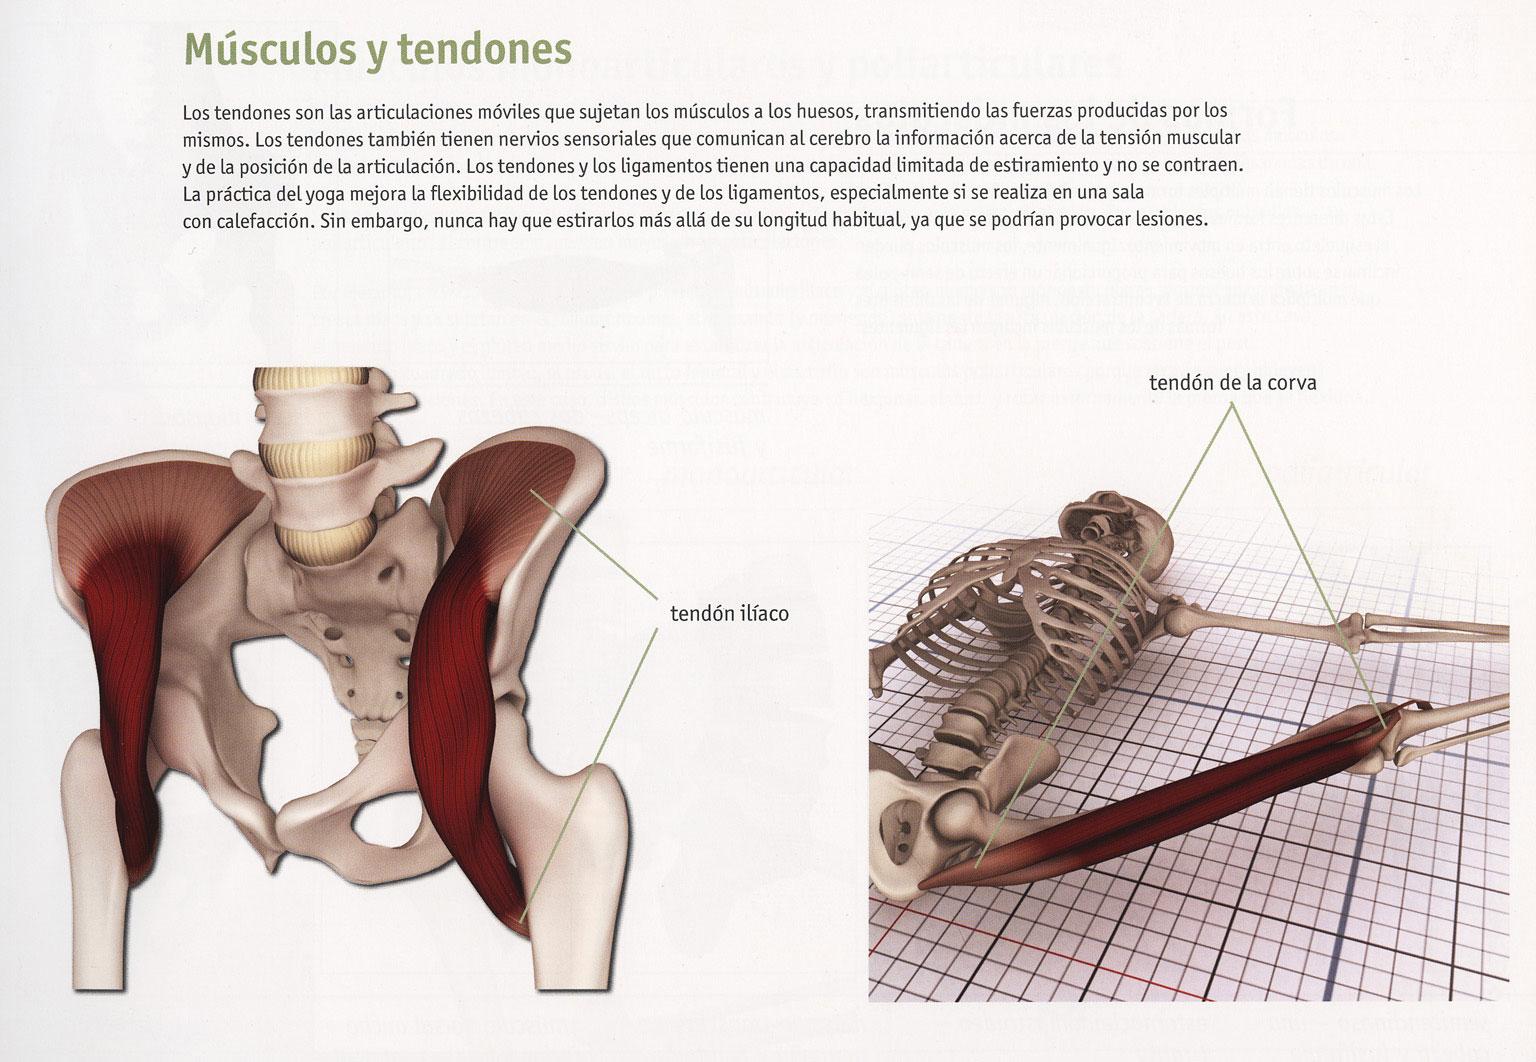 Contemporáneo La Anatomía Del Tendón De La Corva Bandera - Imágenes ...